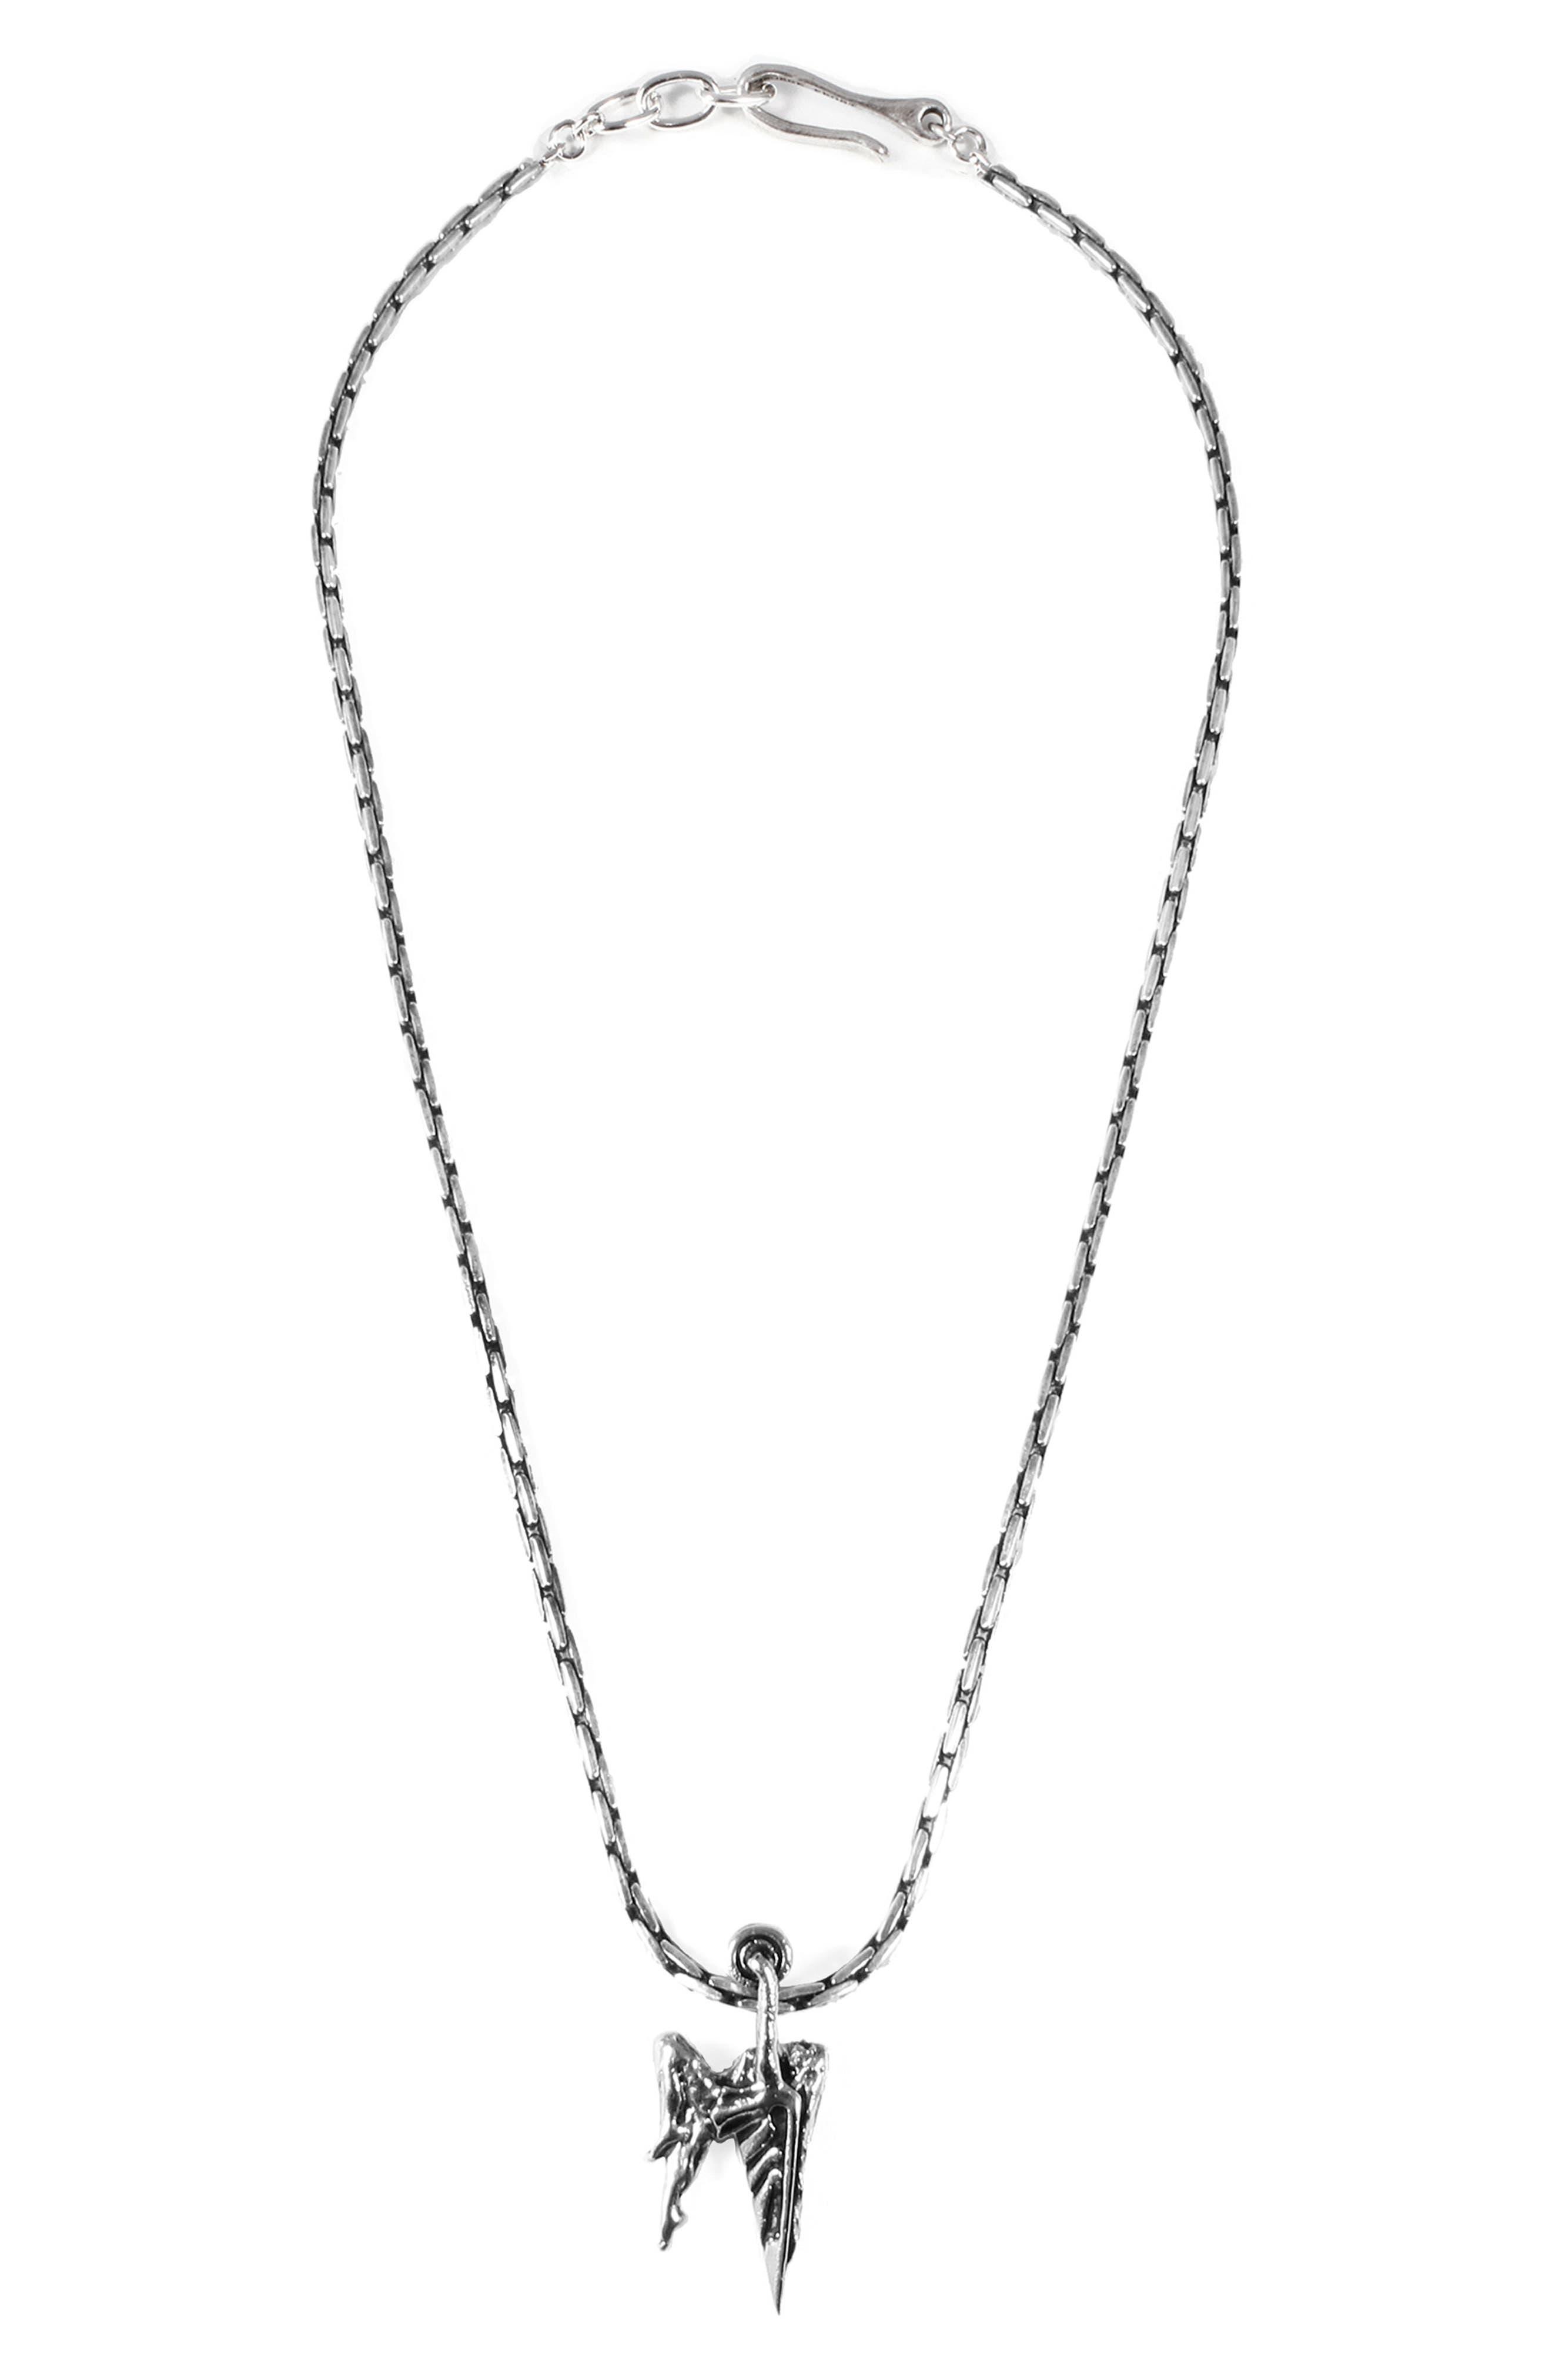 Pursuit Necklace,                             Main thumbnail 1, color,                             Antique Silver